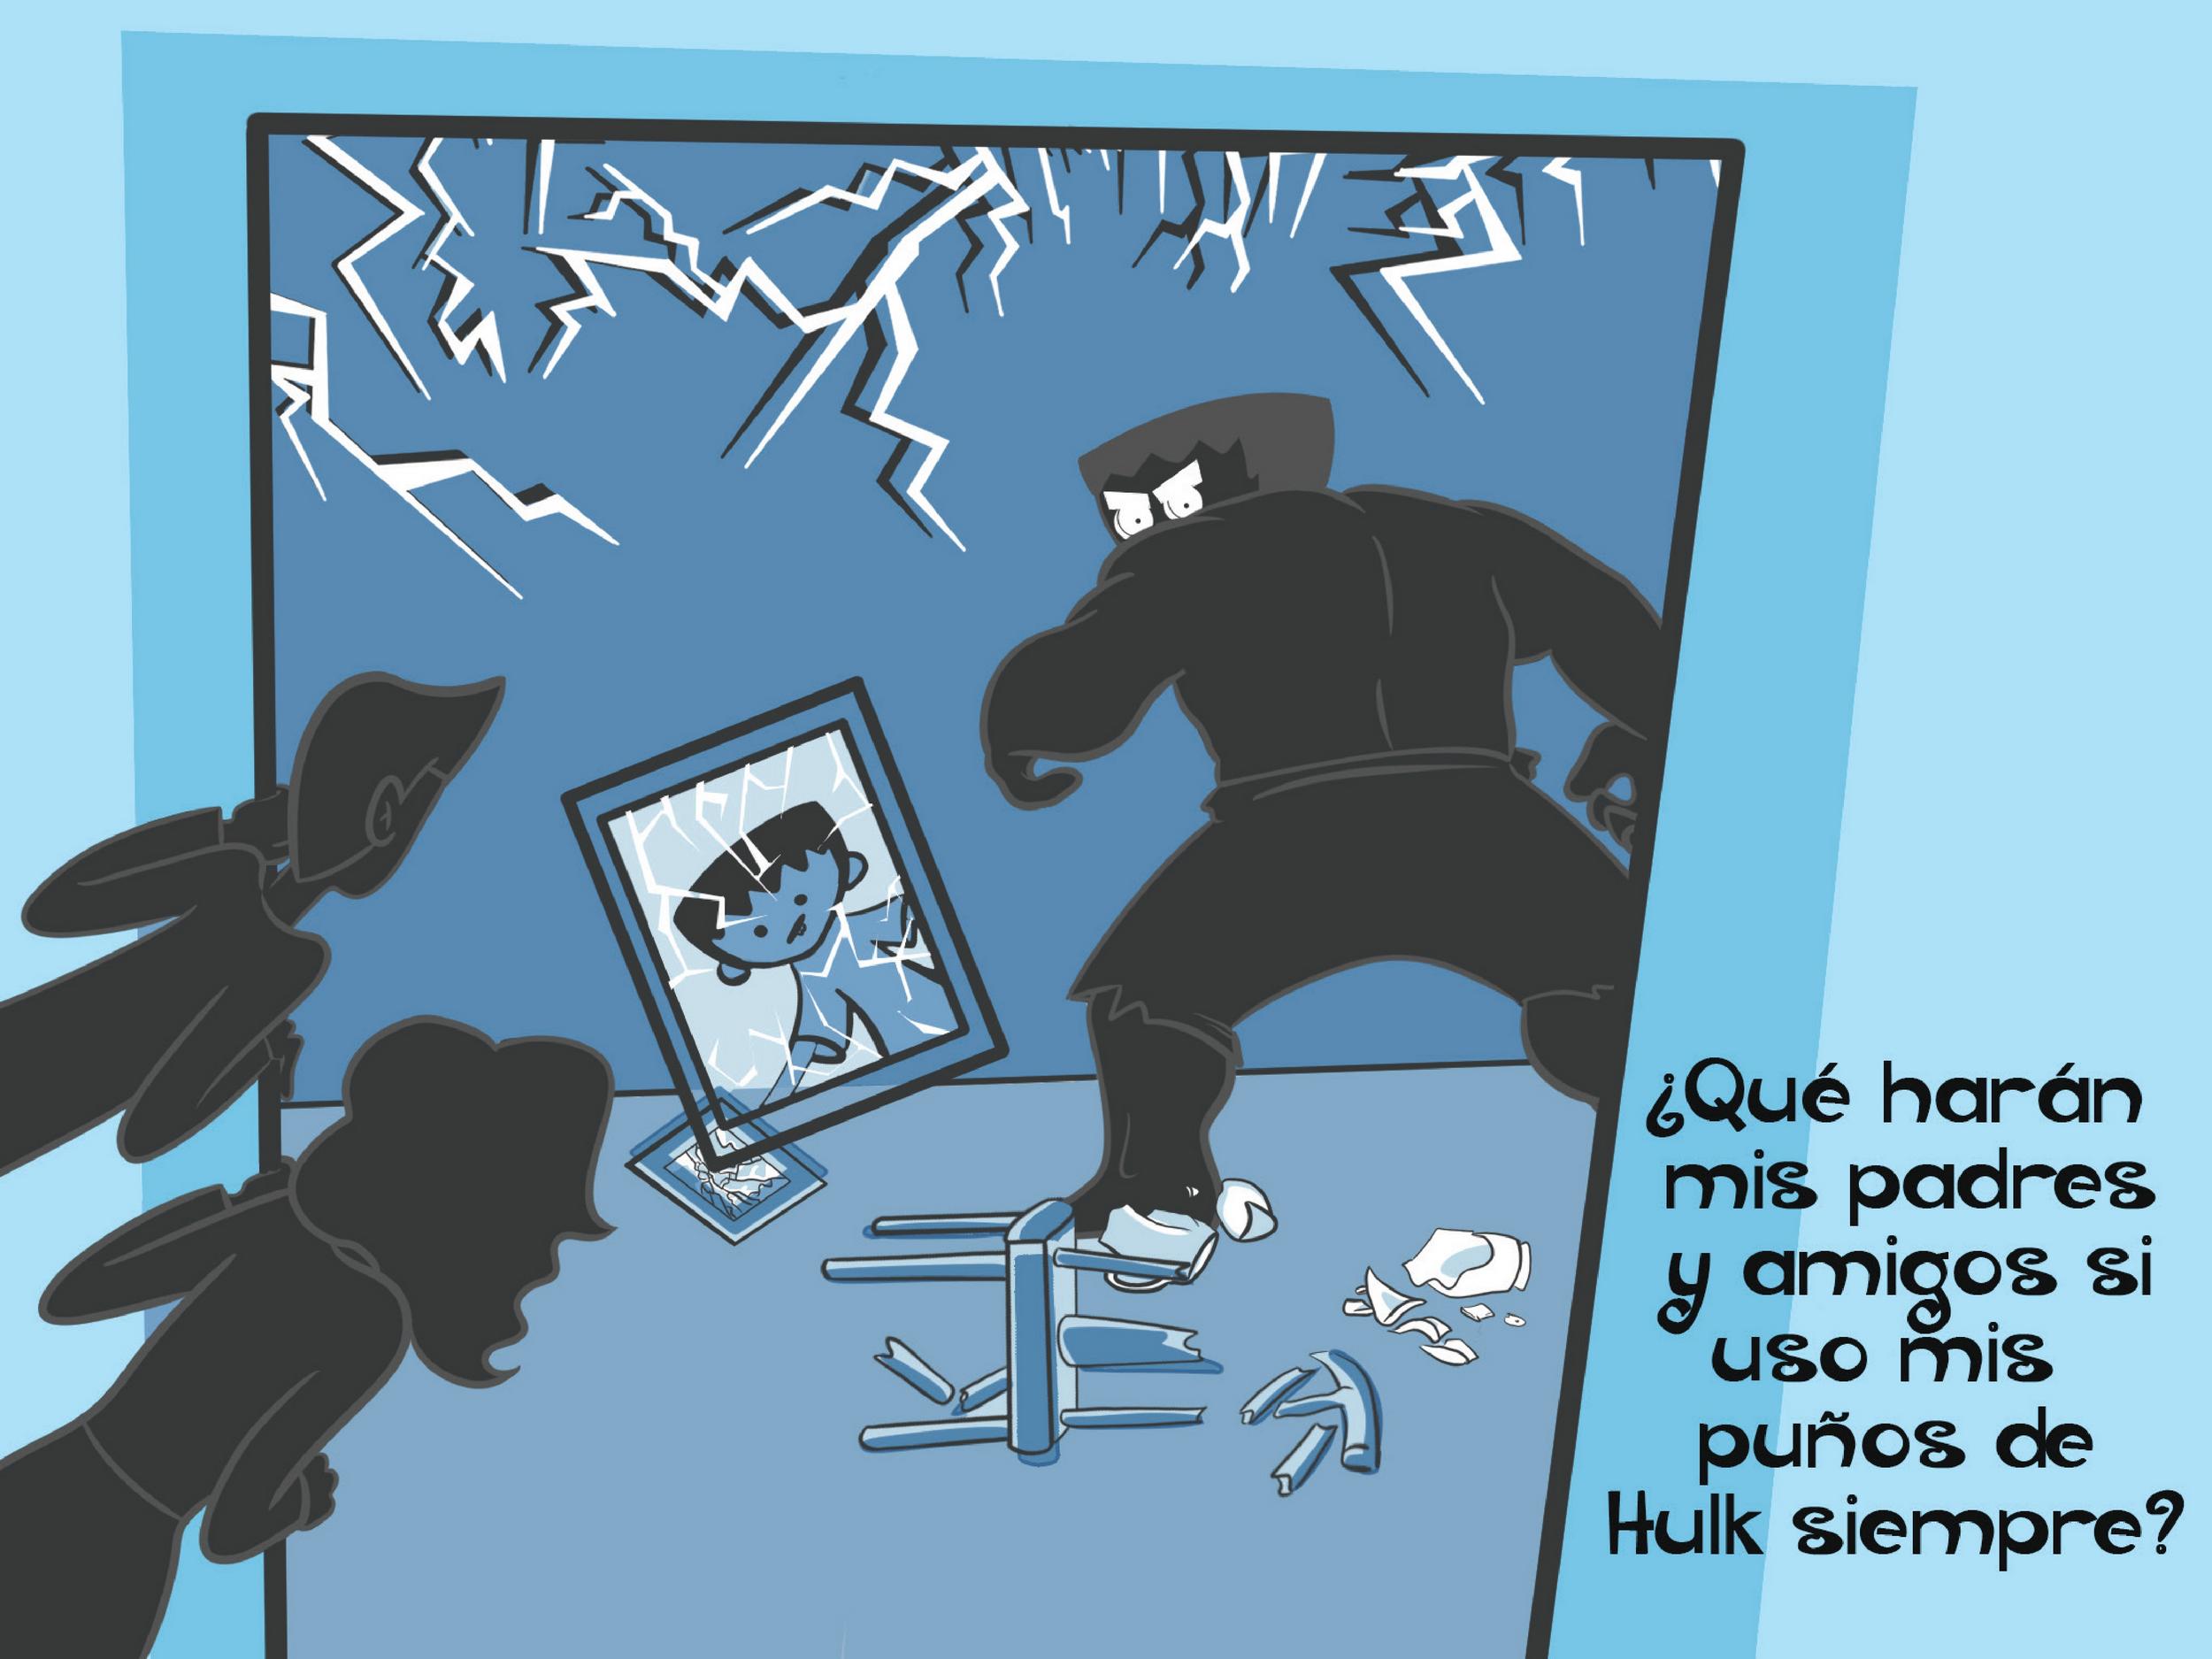 El_niño_puños_Hulk_Javi_Fernandez_Mañas_El niño con los puños de Hulk_page-0015_2500_0015